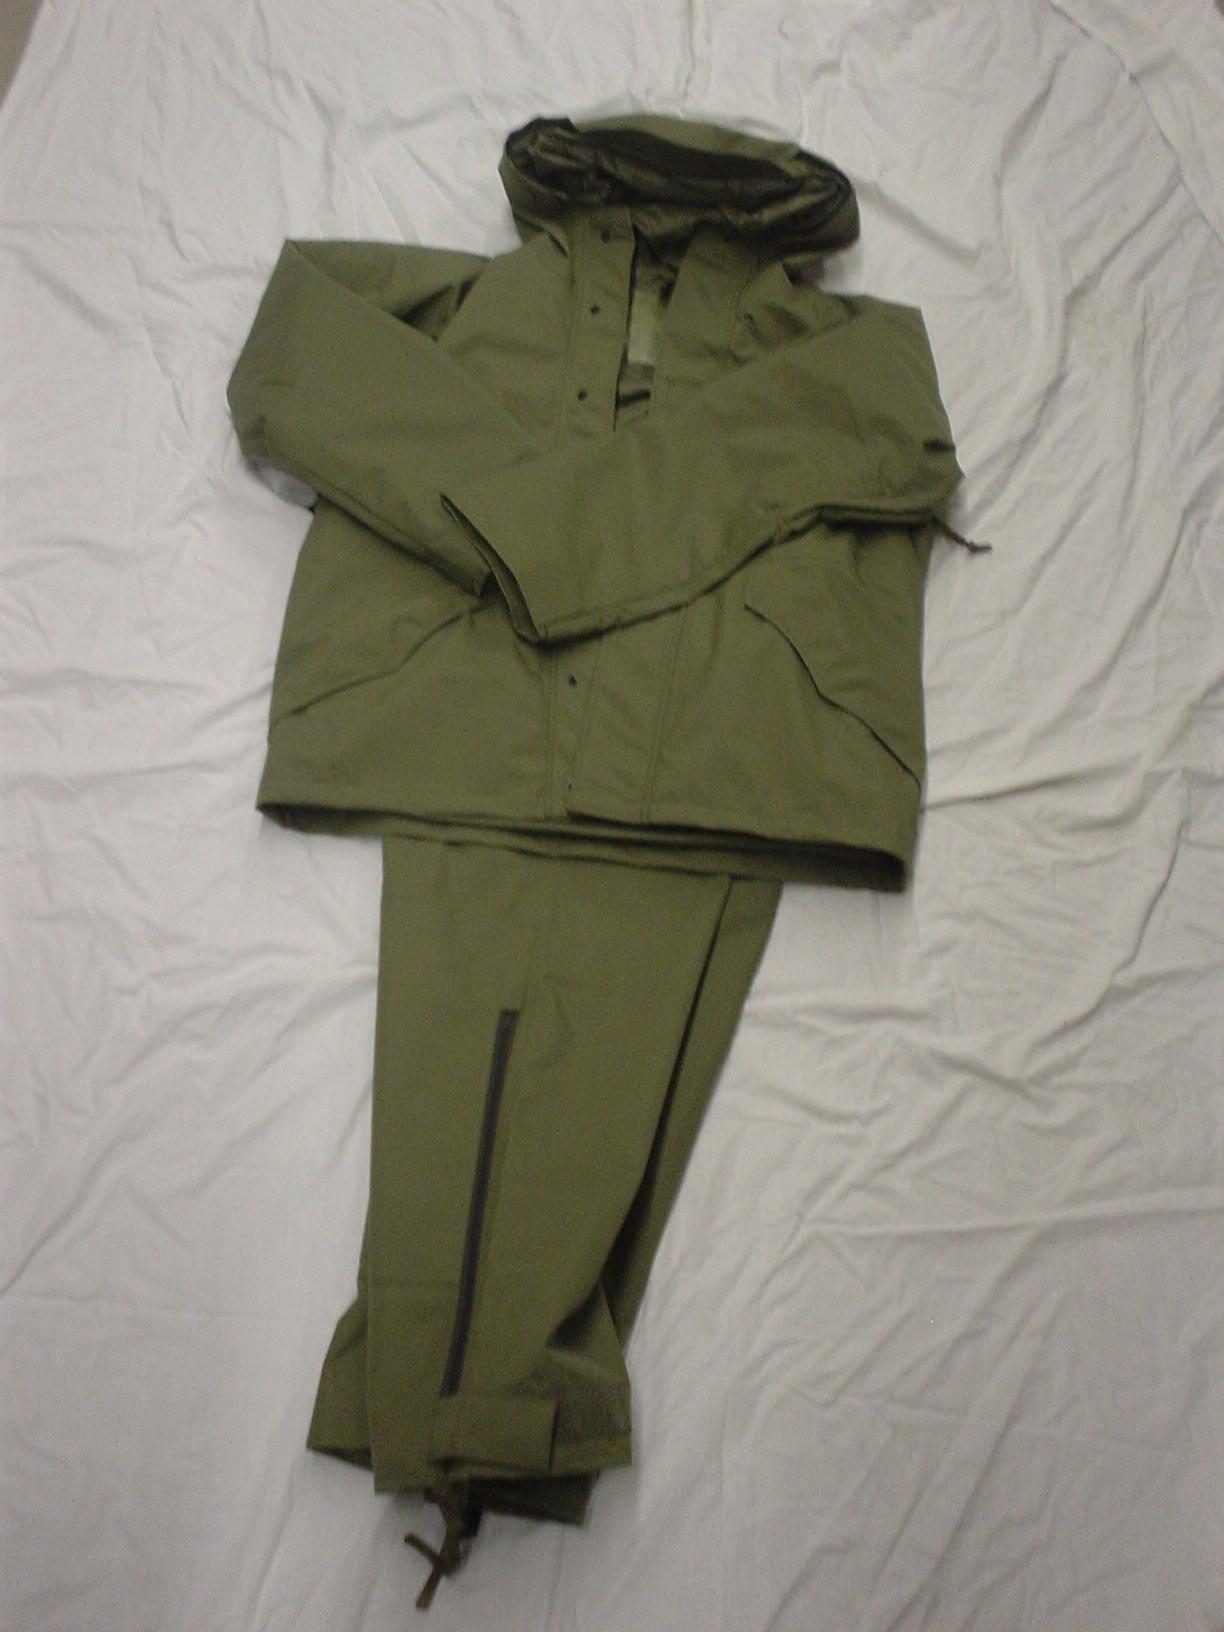 Olive drab breathtex combat suit (GORETEX)